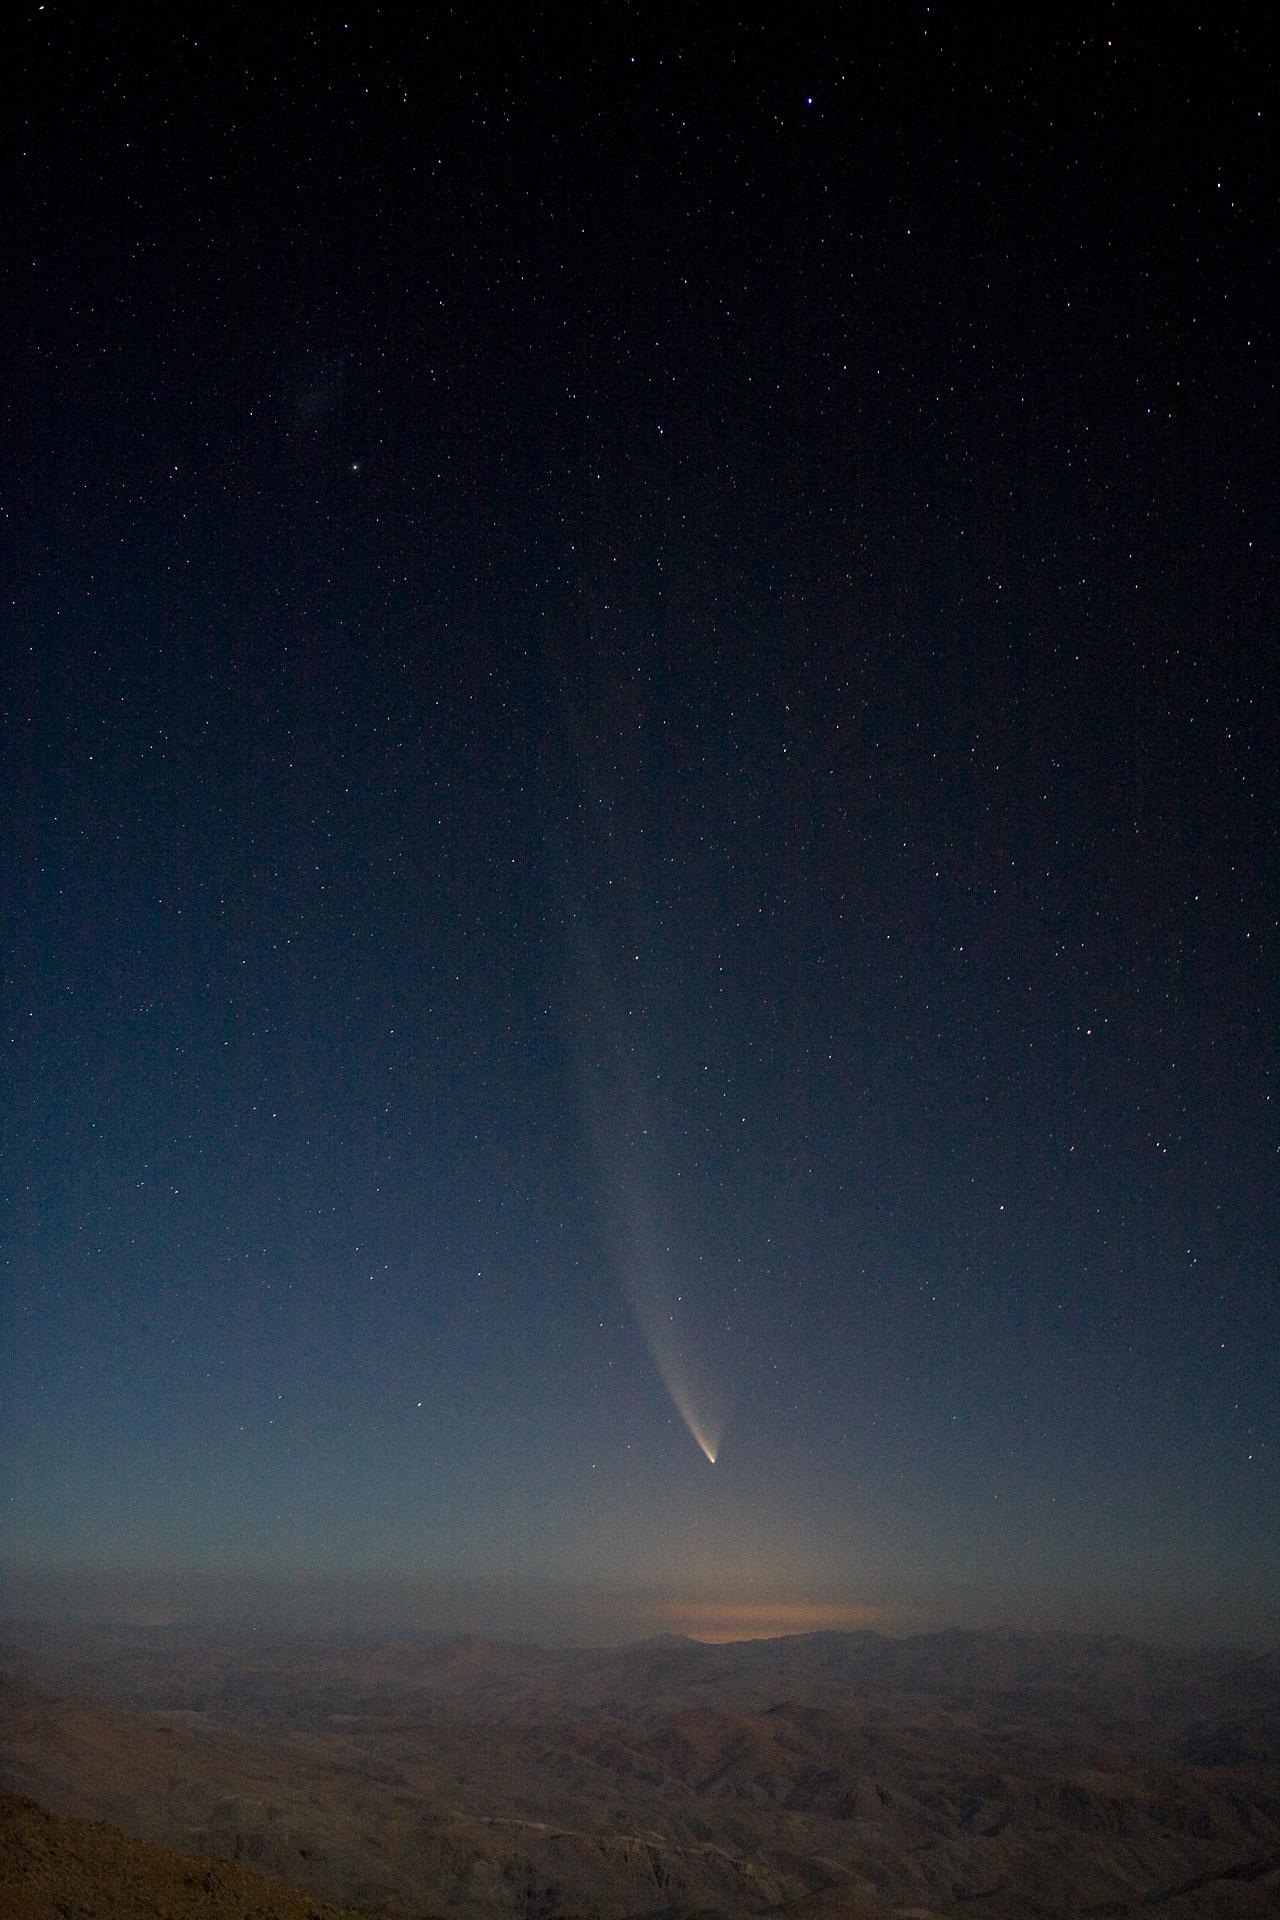 Comet McNaught over La Silla